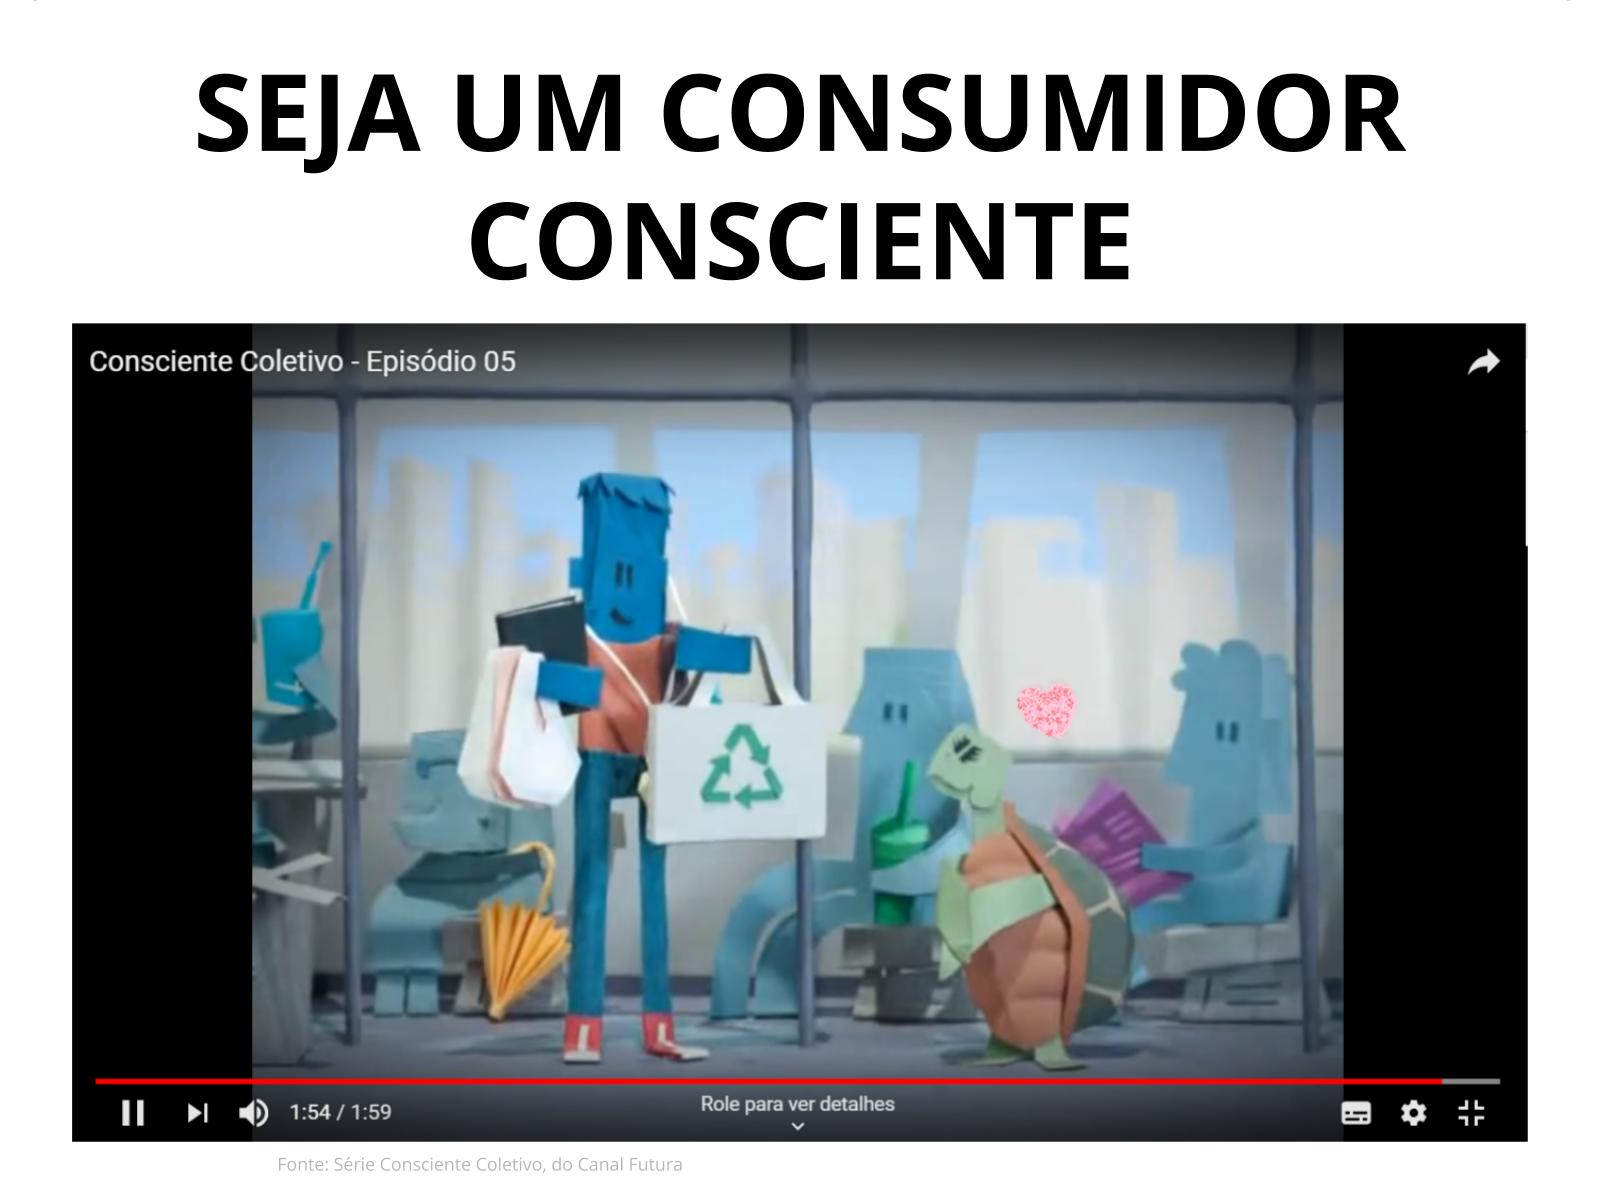 Trabalhar e consumir